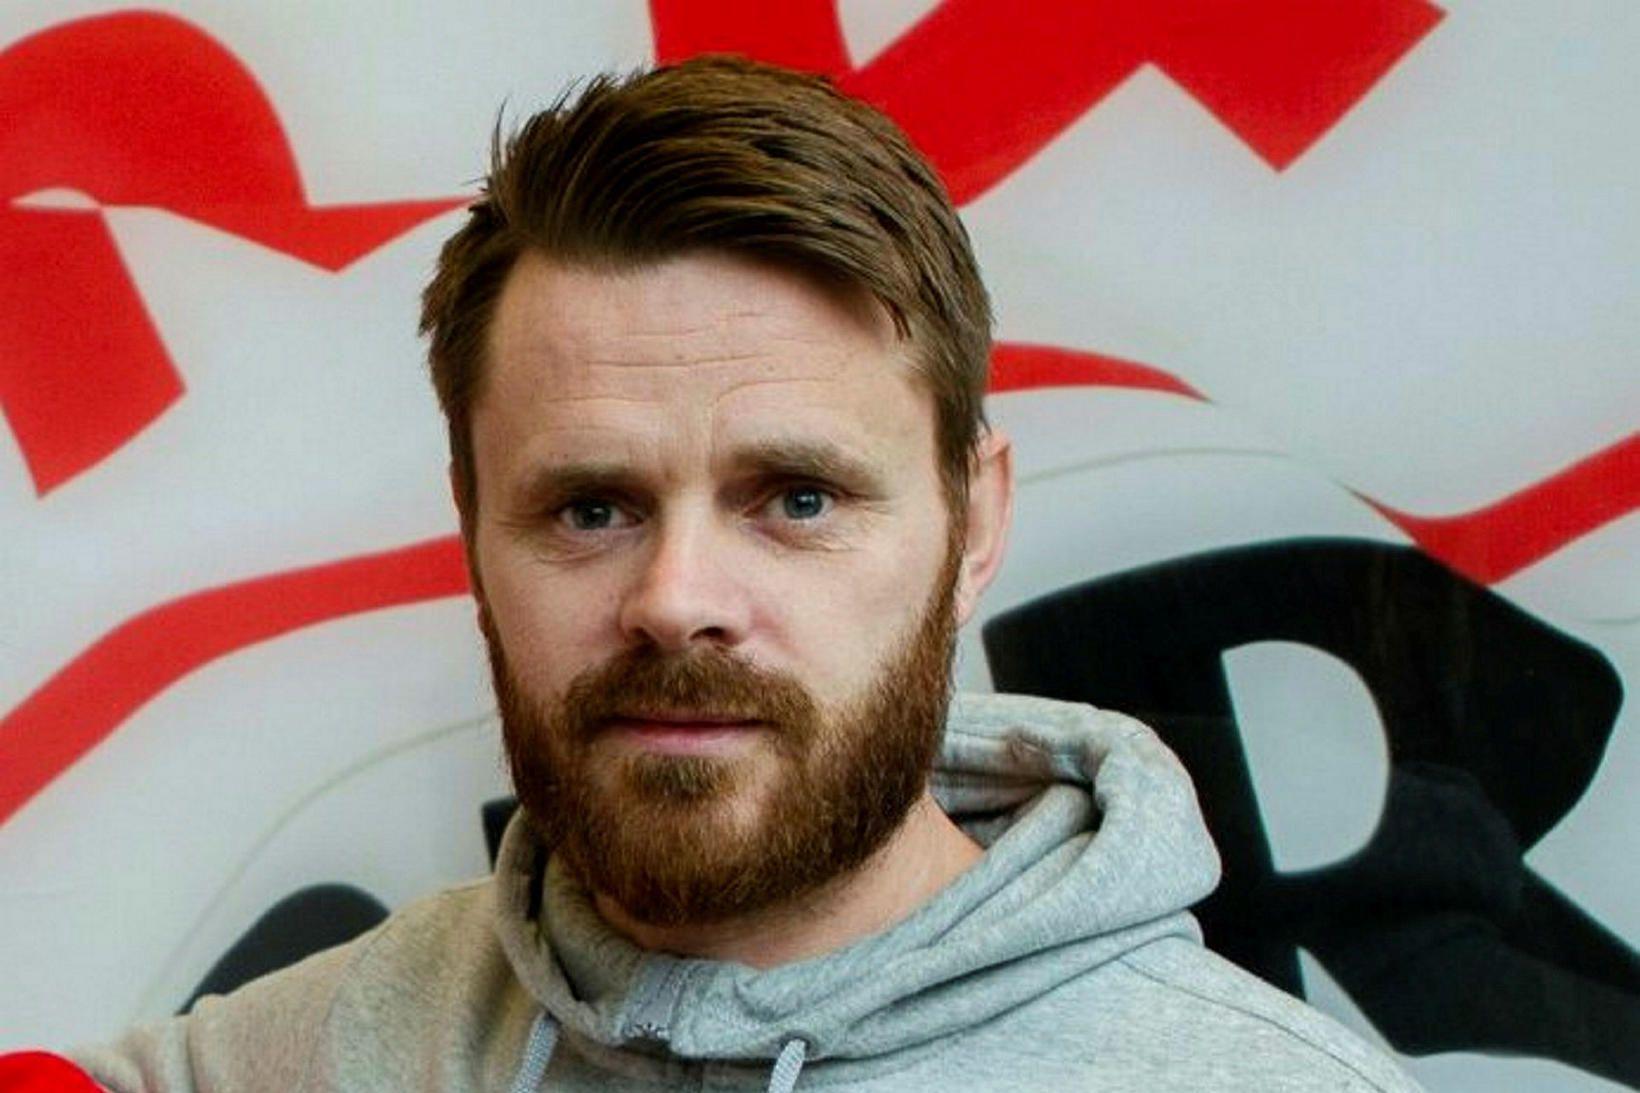 Magni Fannberg þróunarstjóri AIK